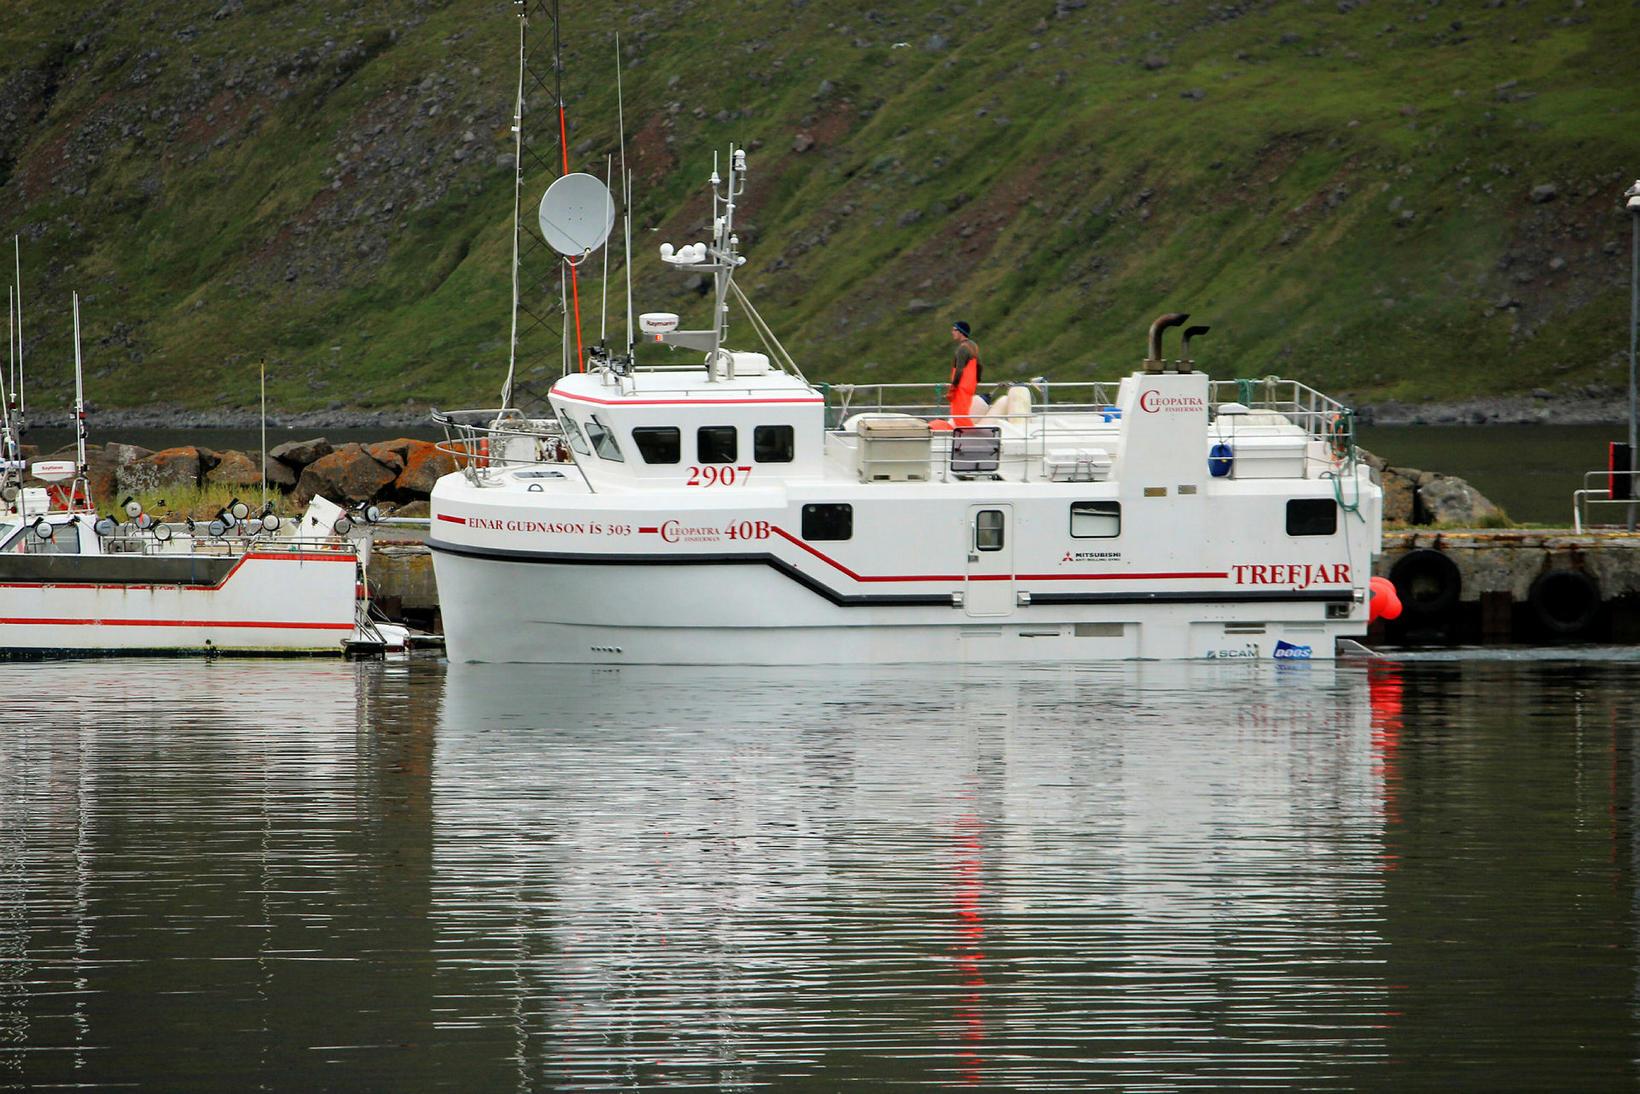 Báturinn Einar Guðnason strandaði við Gölt á utanverðum Súgandafirði í ...